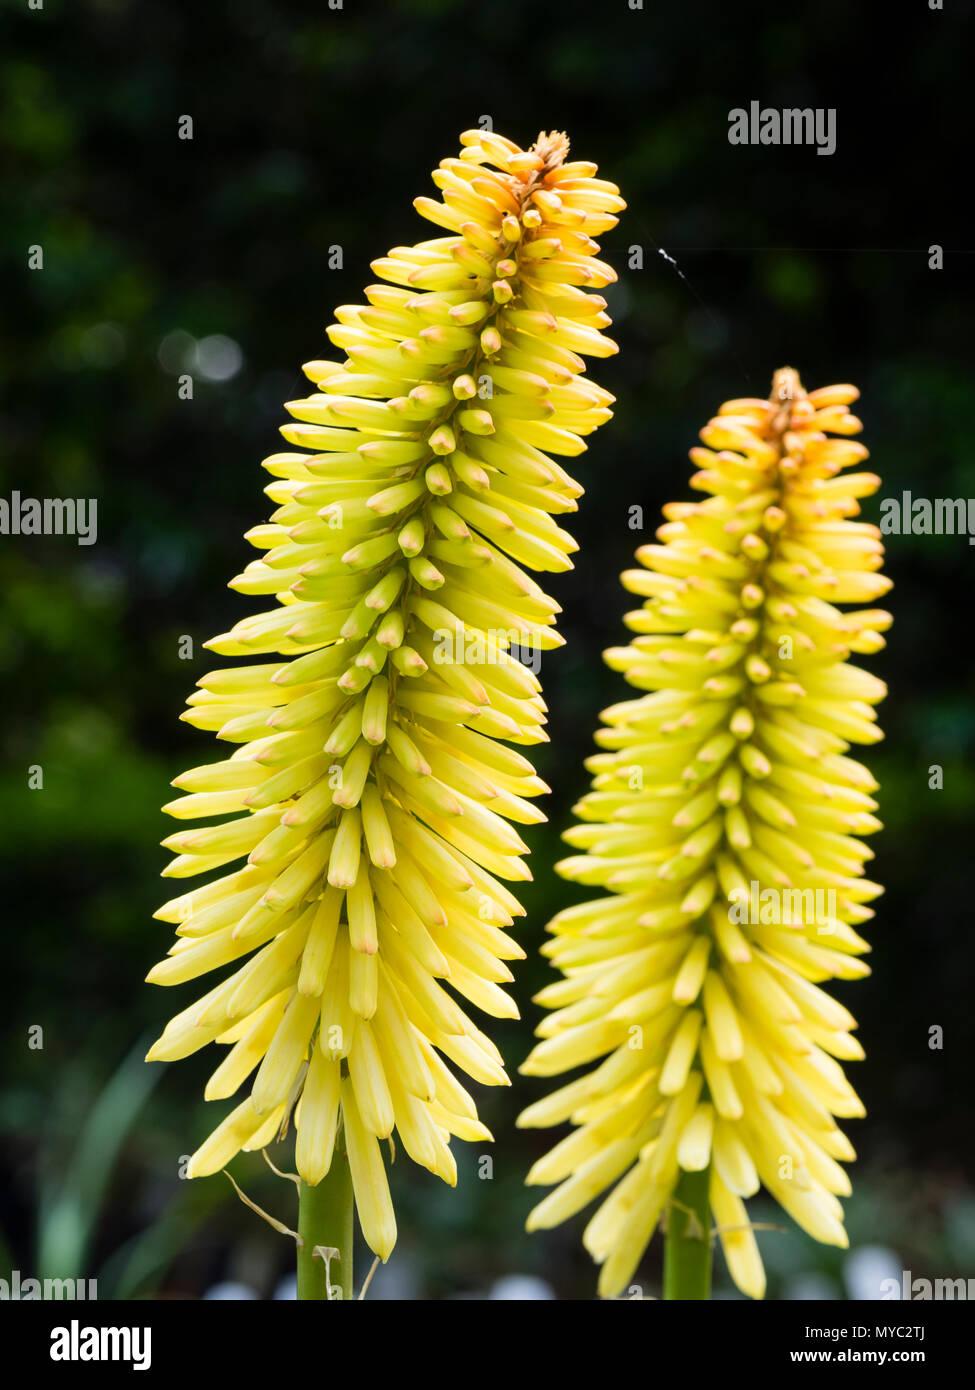 Gran,desarrollo de pico amarillo verdoso con capullos de la vertical, antorcha de floración verano lily, Kniphofia 'Moonstone' Imagen De Stock